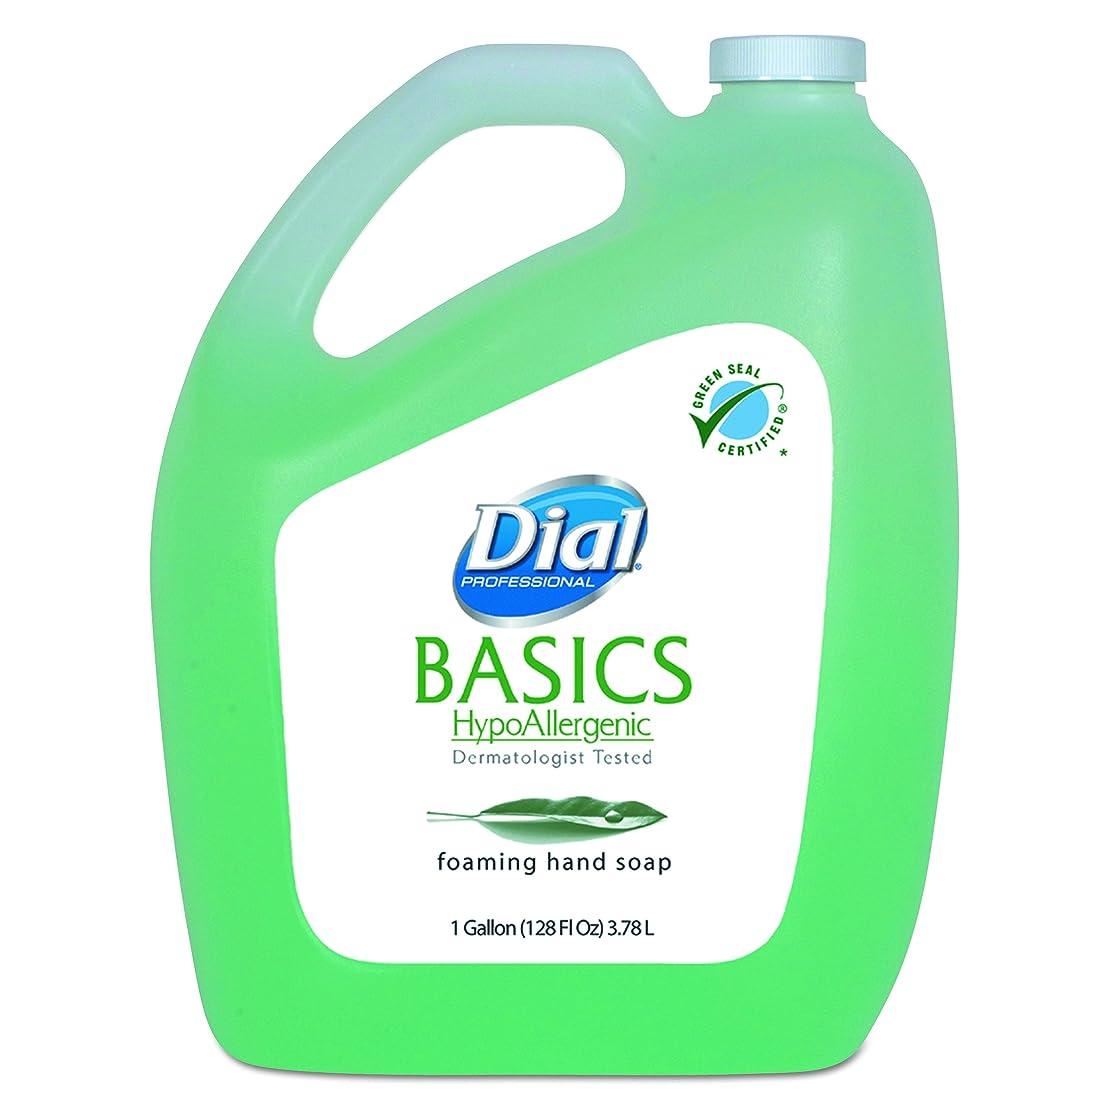 変装したミリメートル乳製品ダイヤルProfessional Basics Foaming Hand Soap、オリジナル、スイカズラ、1ガロンボトル、4?/カートン